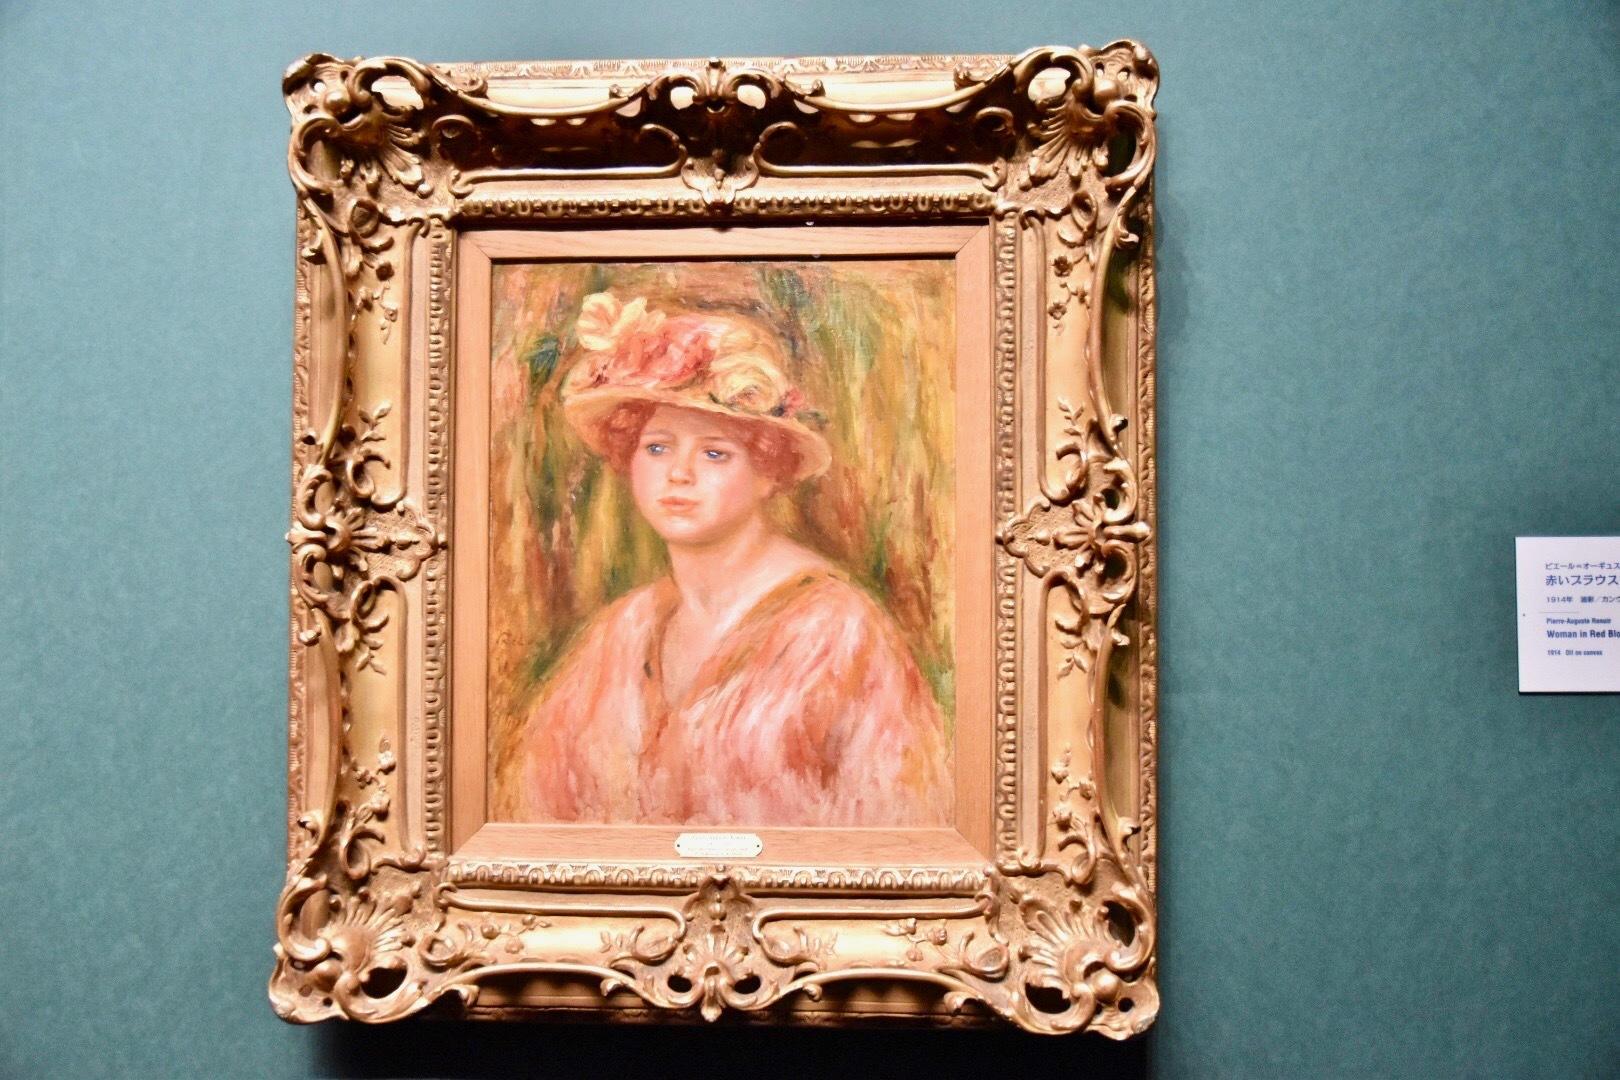 ピエール=オーギュスト・ルノワール 《赤いブラウスを着た花帽子の女》 1914年 吉野石膏コレクション